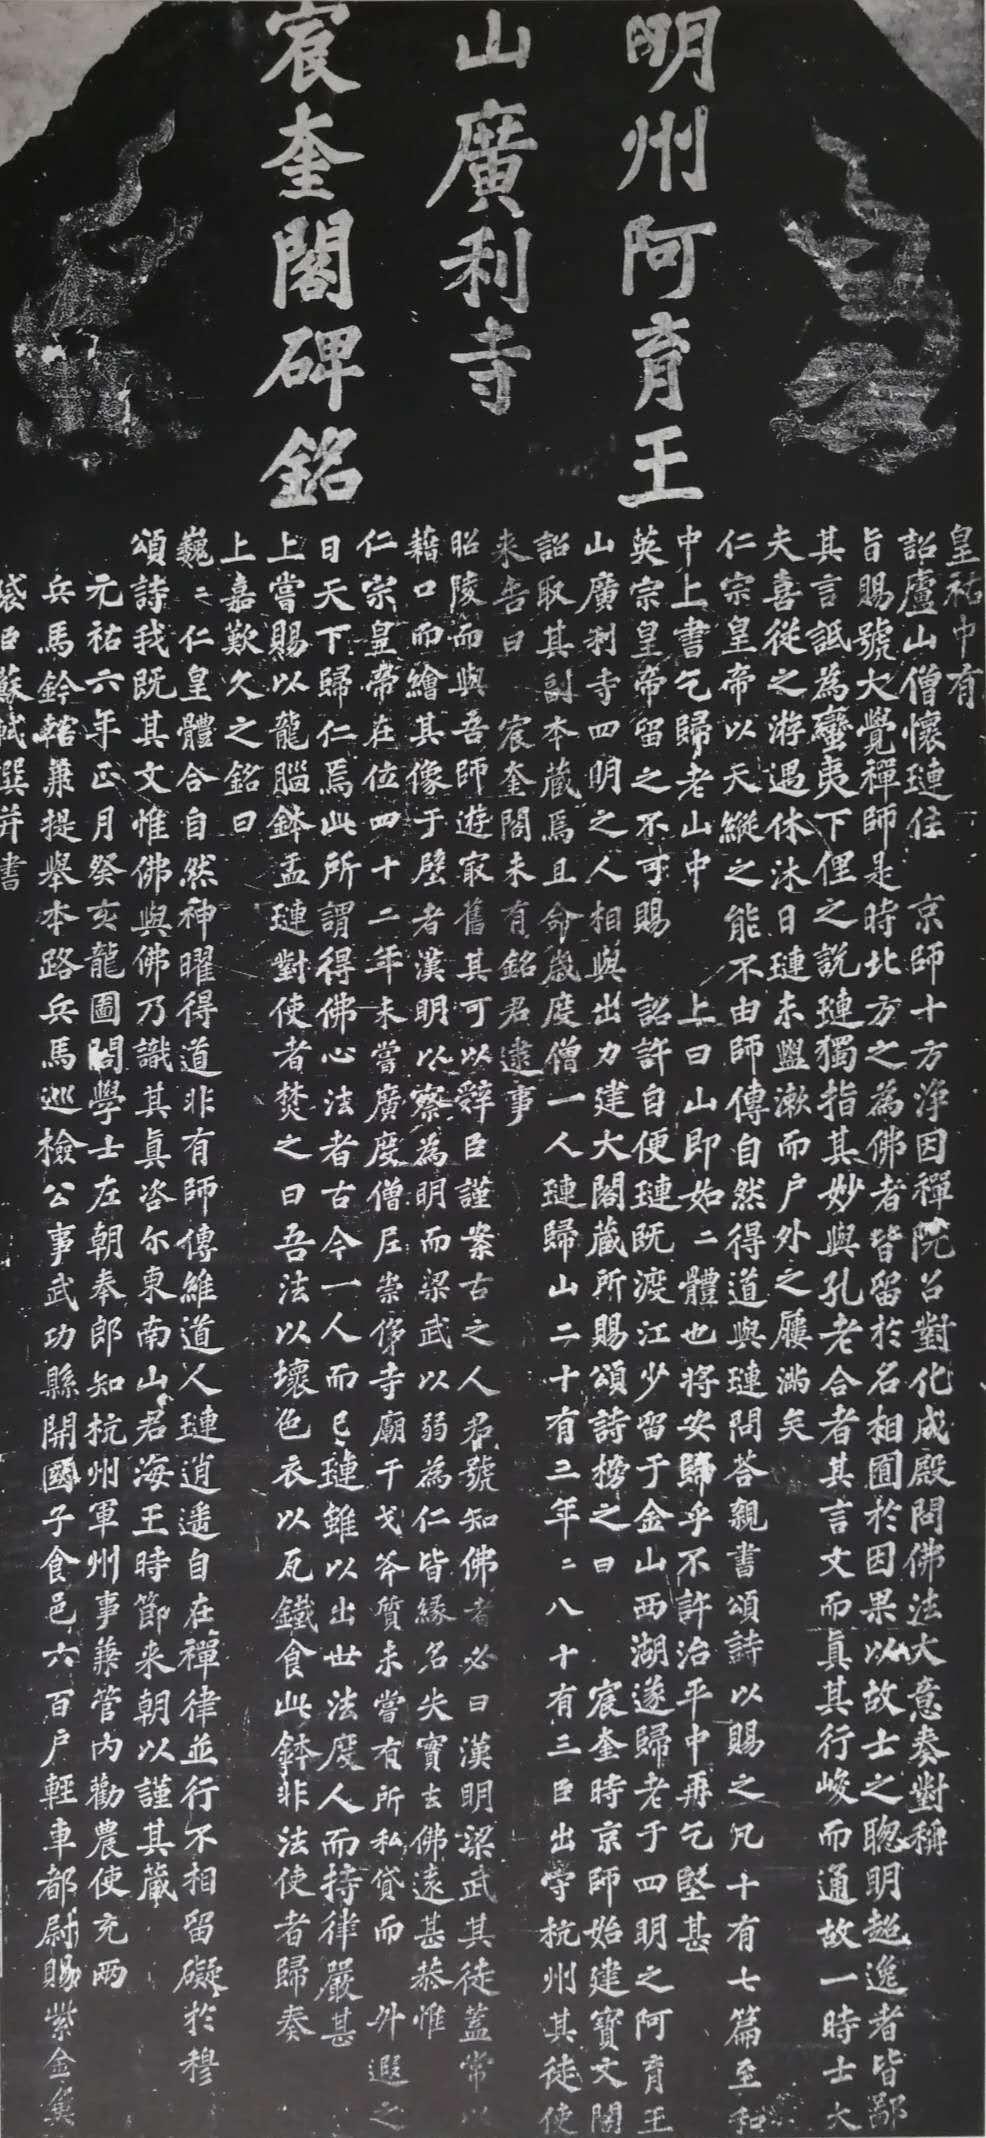 张明杰:苏轼《宸奎阁碑》宋拓孤本在日本的流传